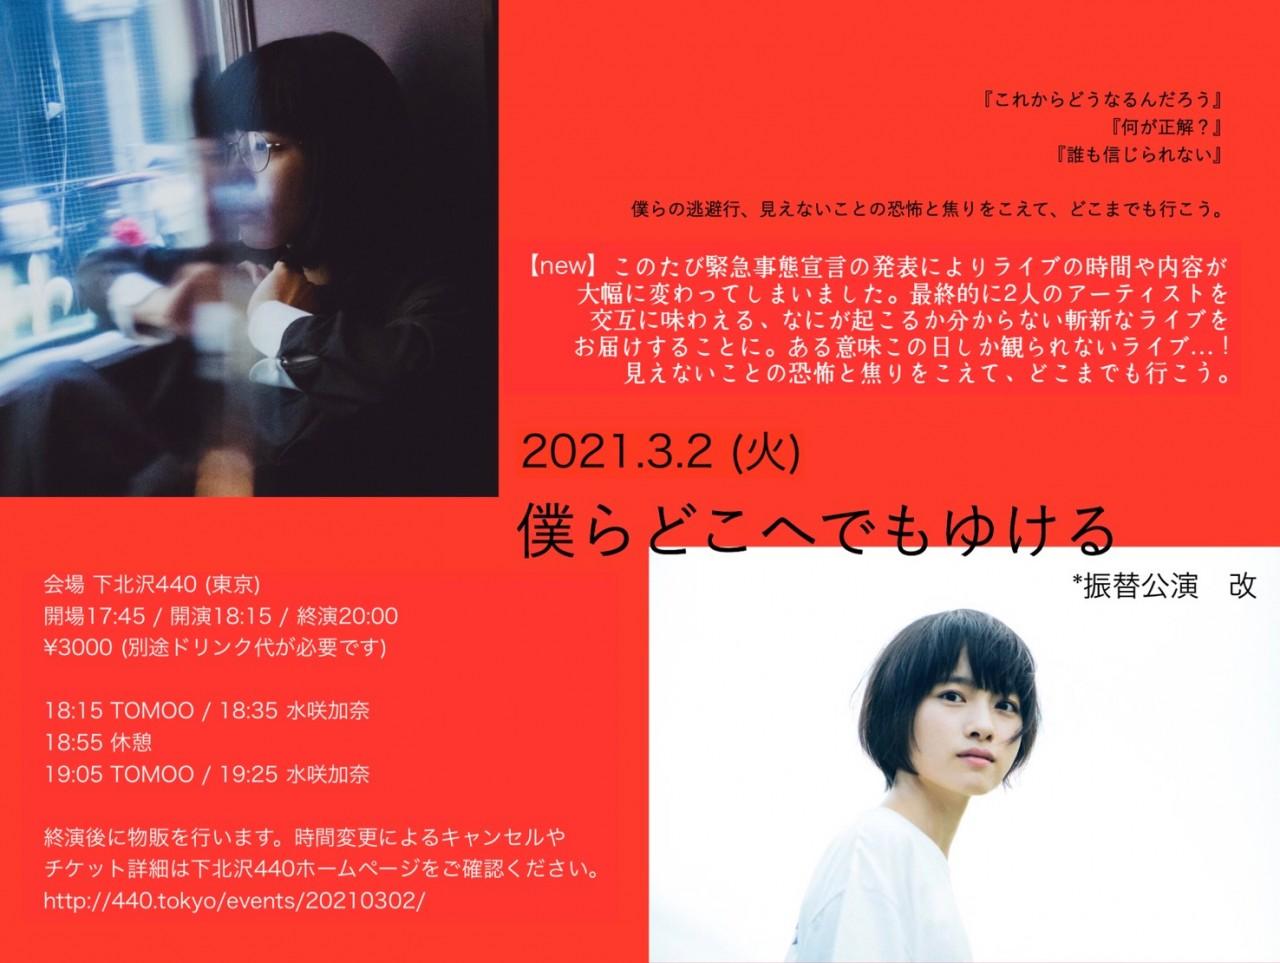 ※時間変更【来場 配信】TOMOO × 水咲加奈 ツーマンライブ「僕らどこへでもゆける」